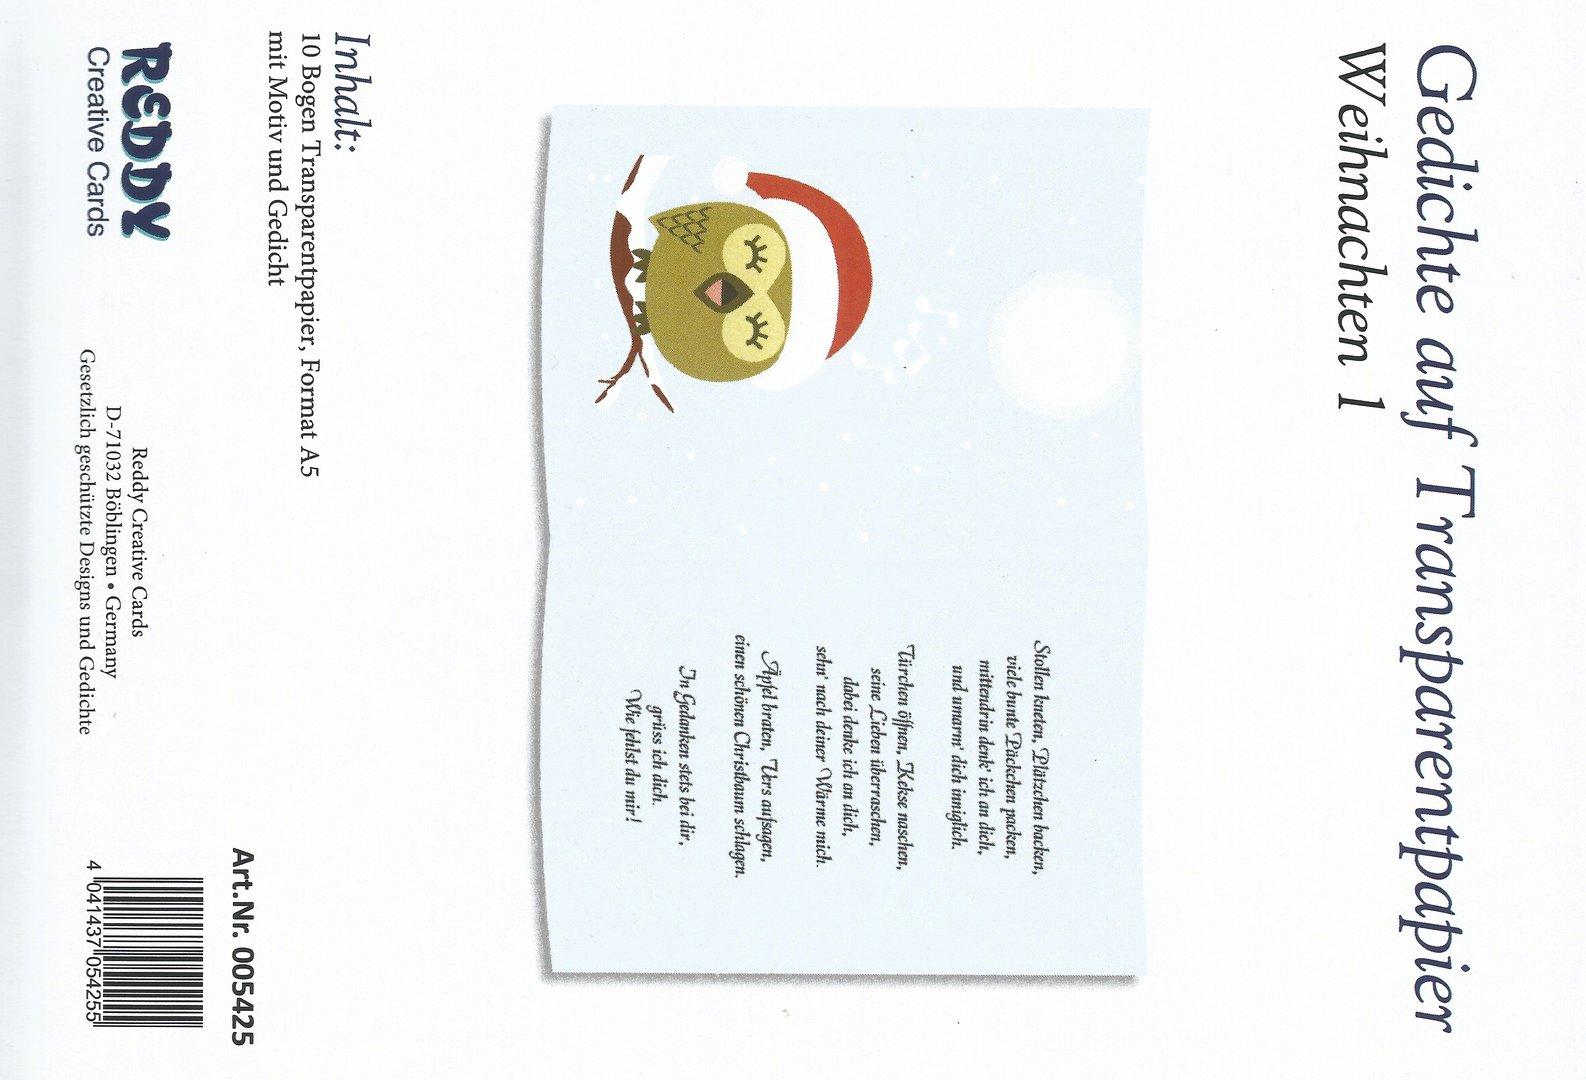 Weihnachten Gedichte.Gedichte Auf Transparentpapier Weihnachten 1